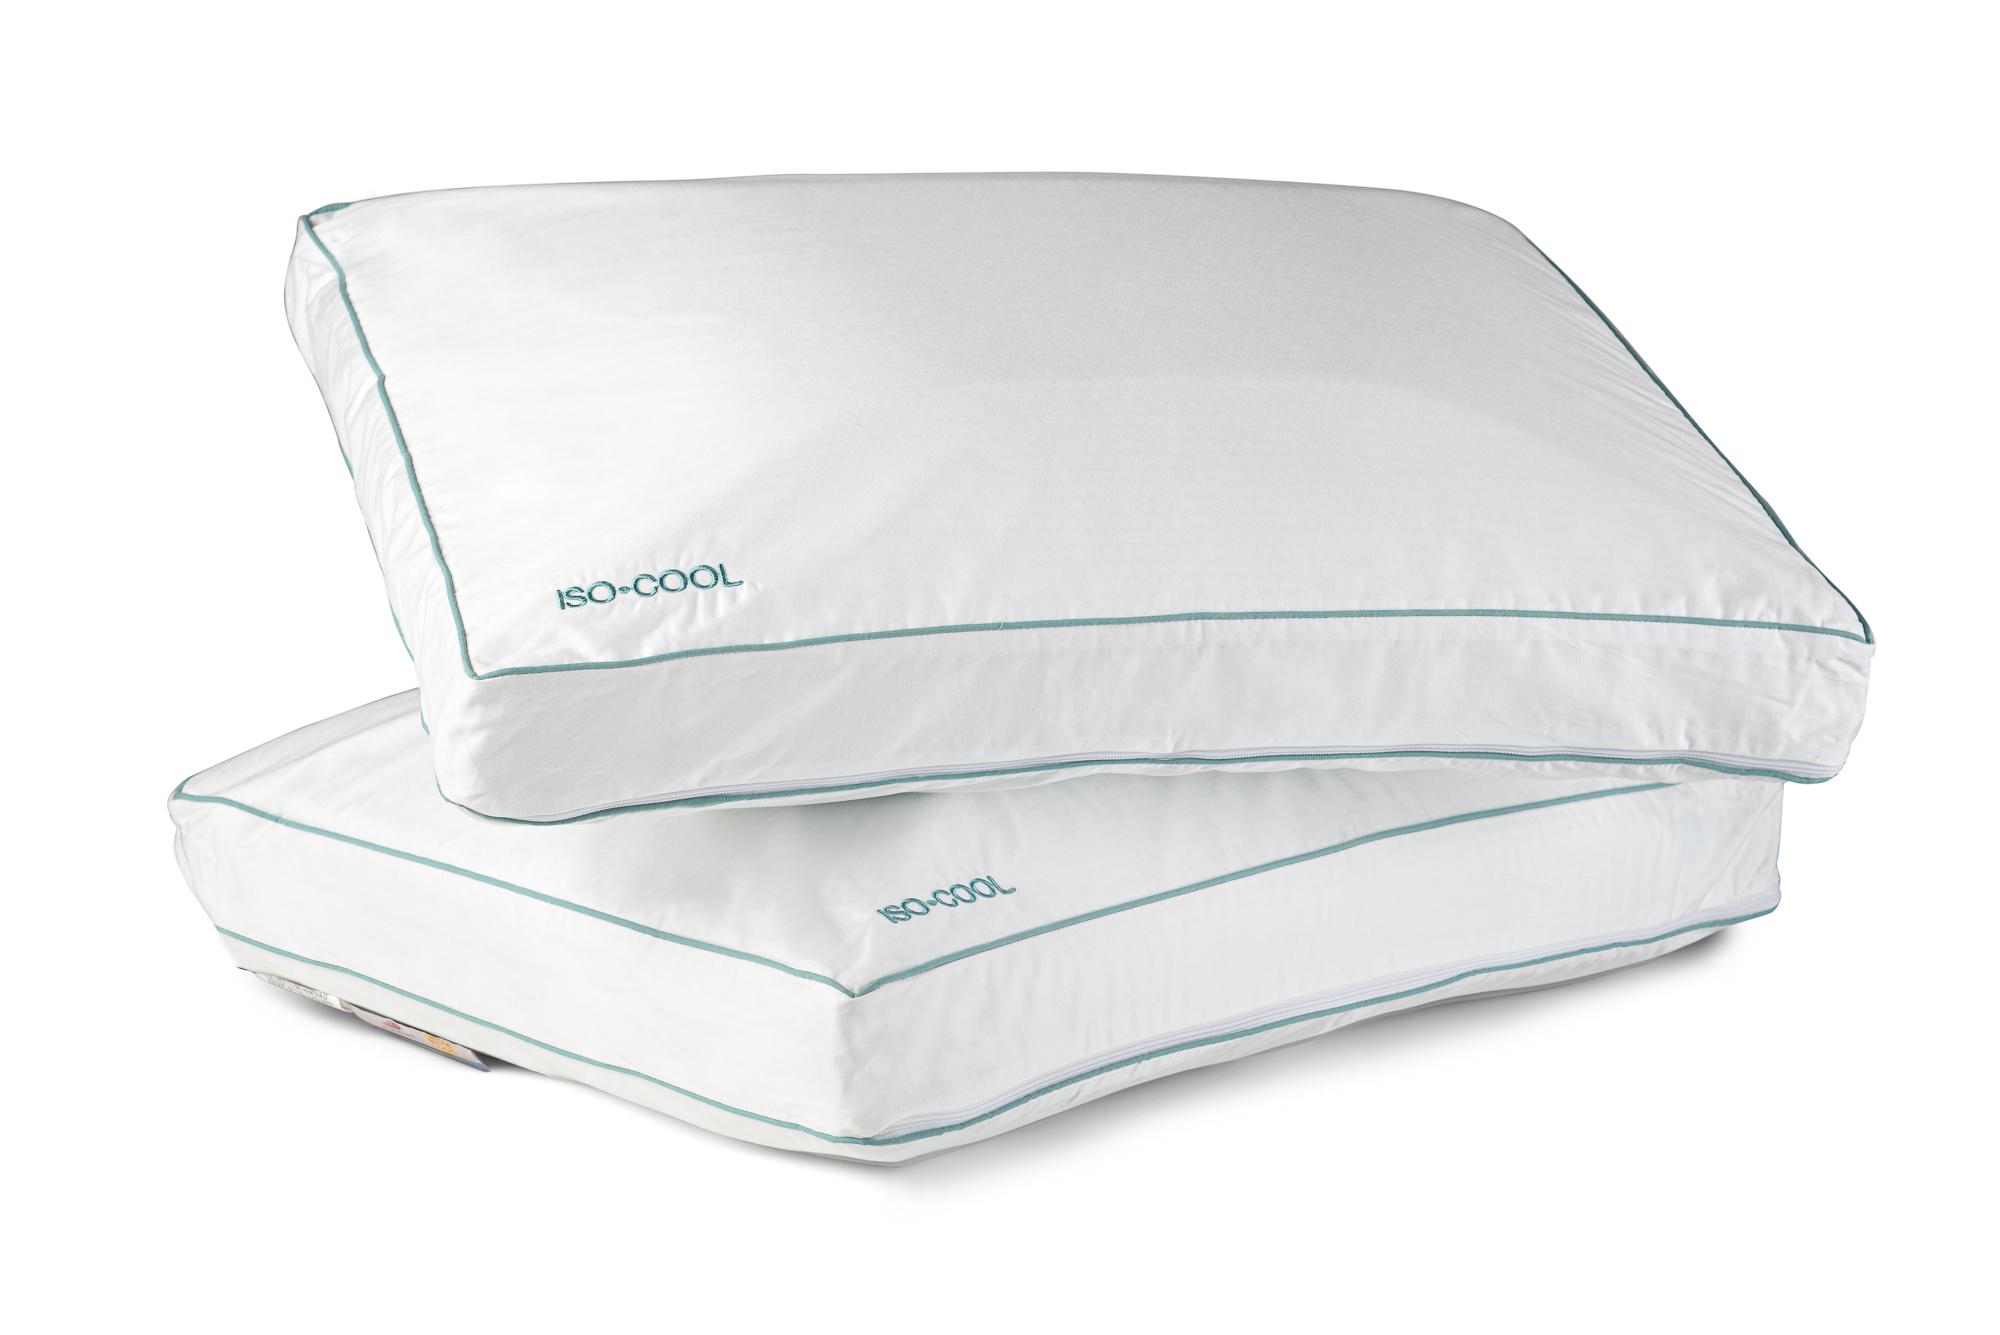 isotonic side sleeper pillow